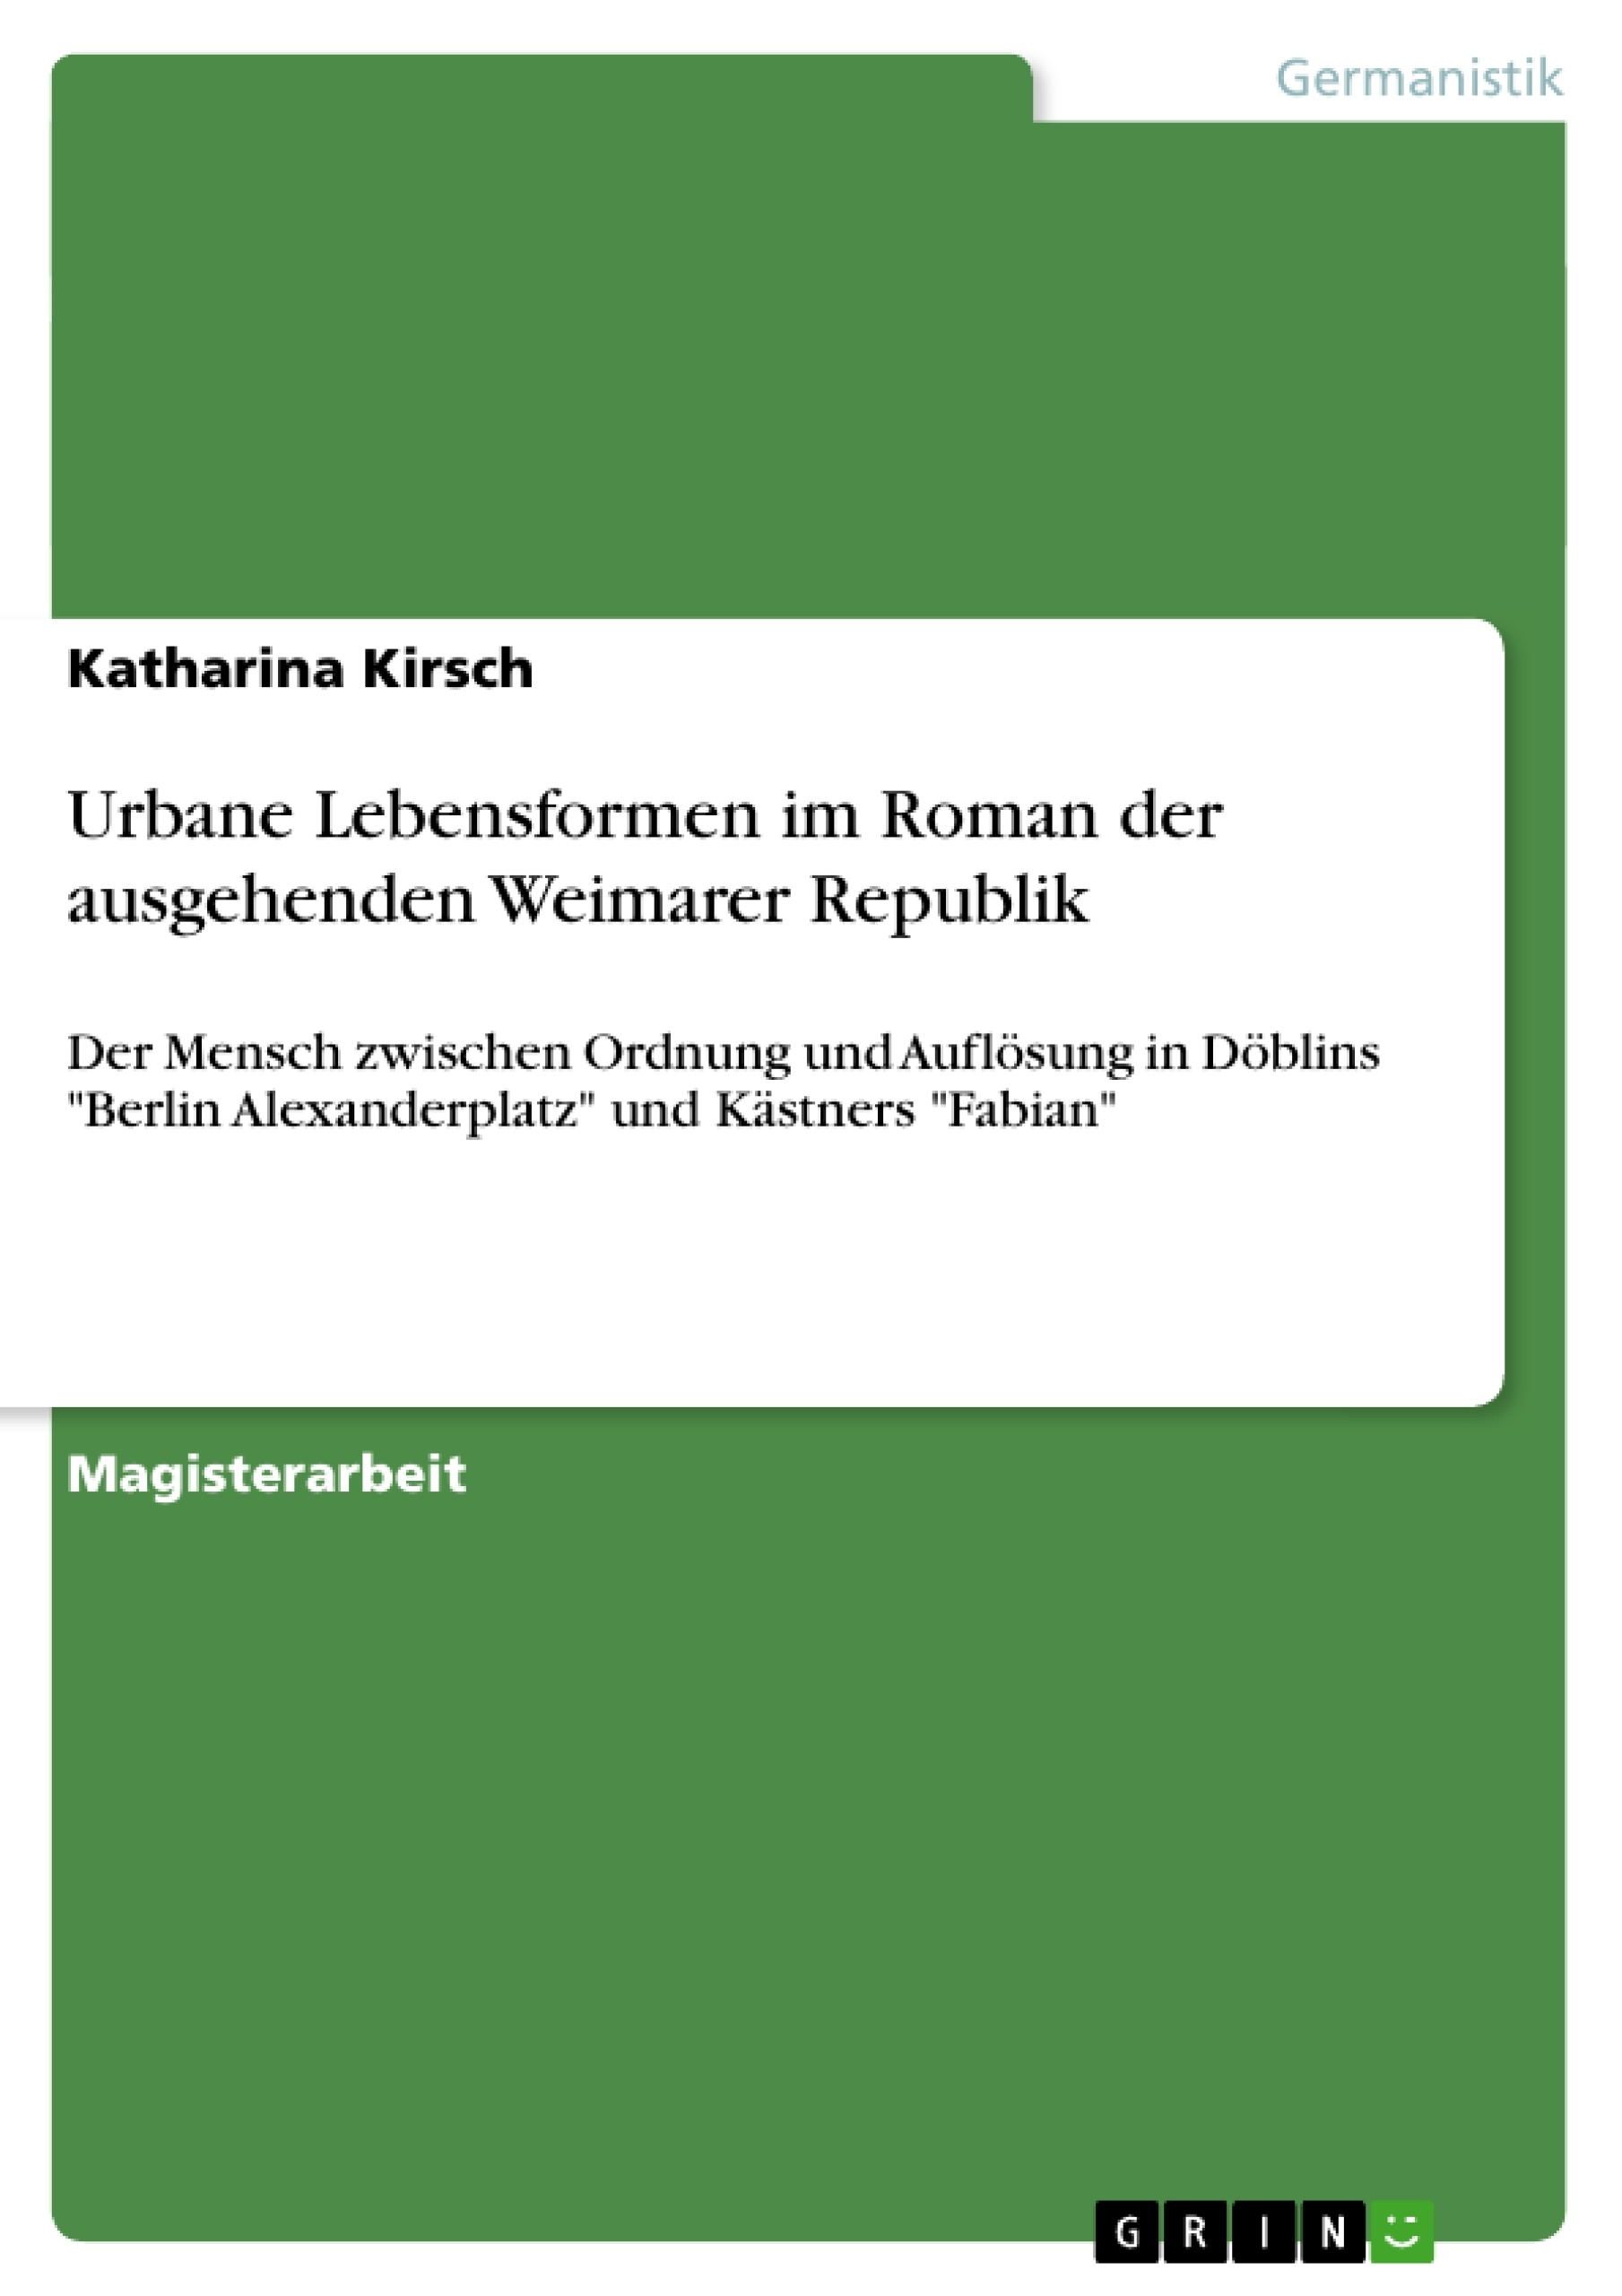 Titel: Urbane Lebensformen im Roman der ausgehenden Weimarer Republik